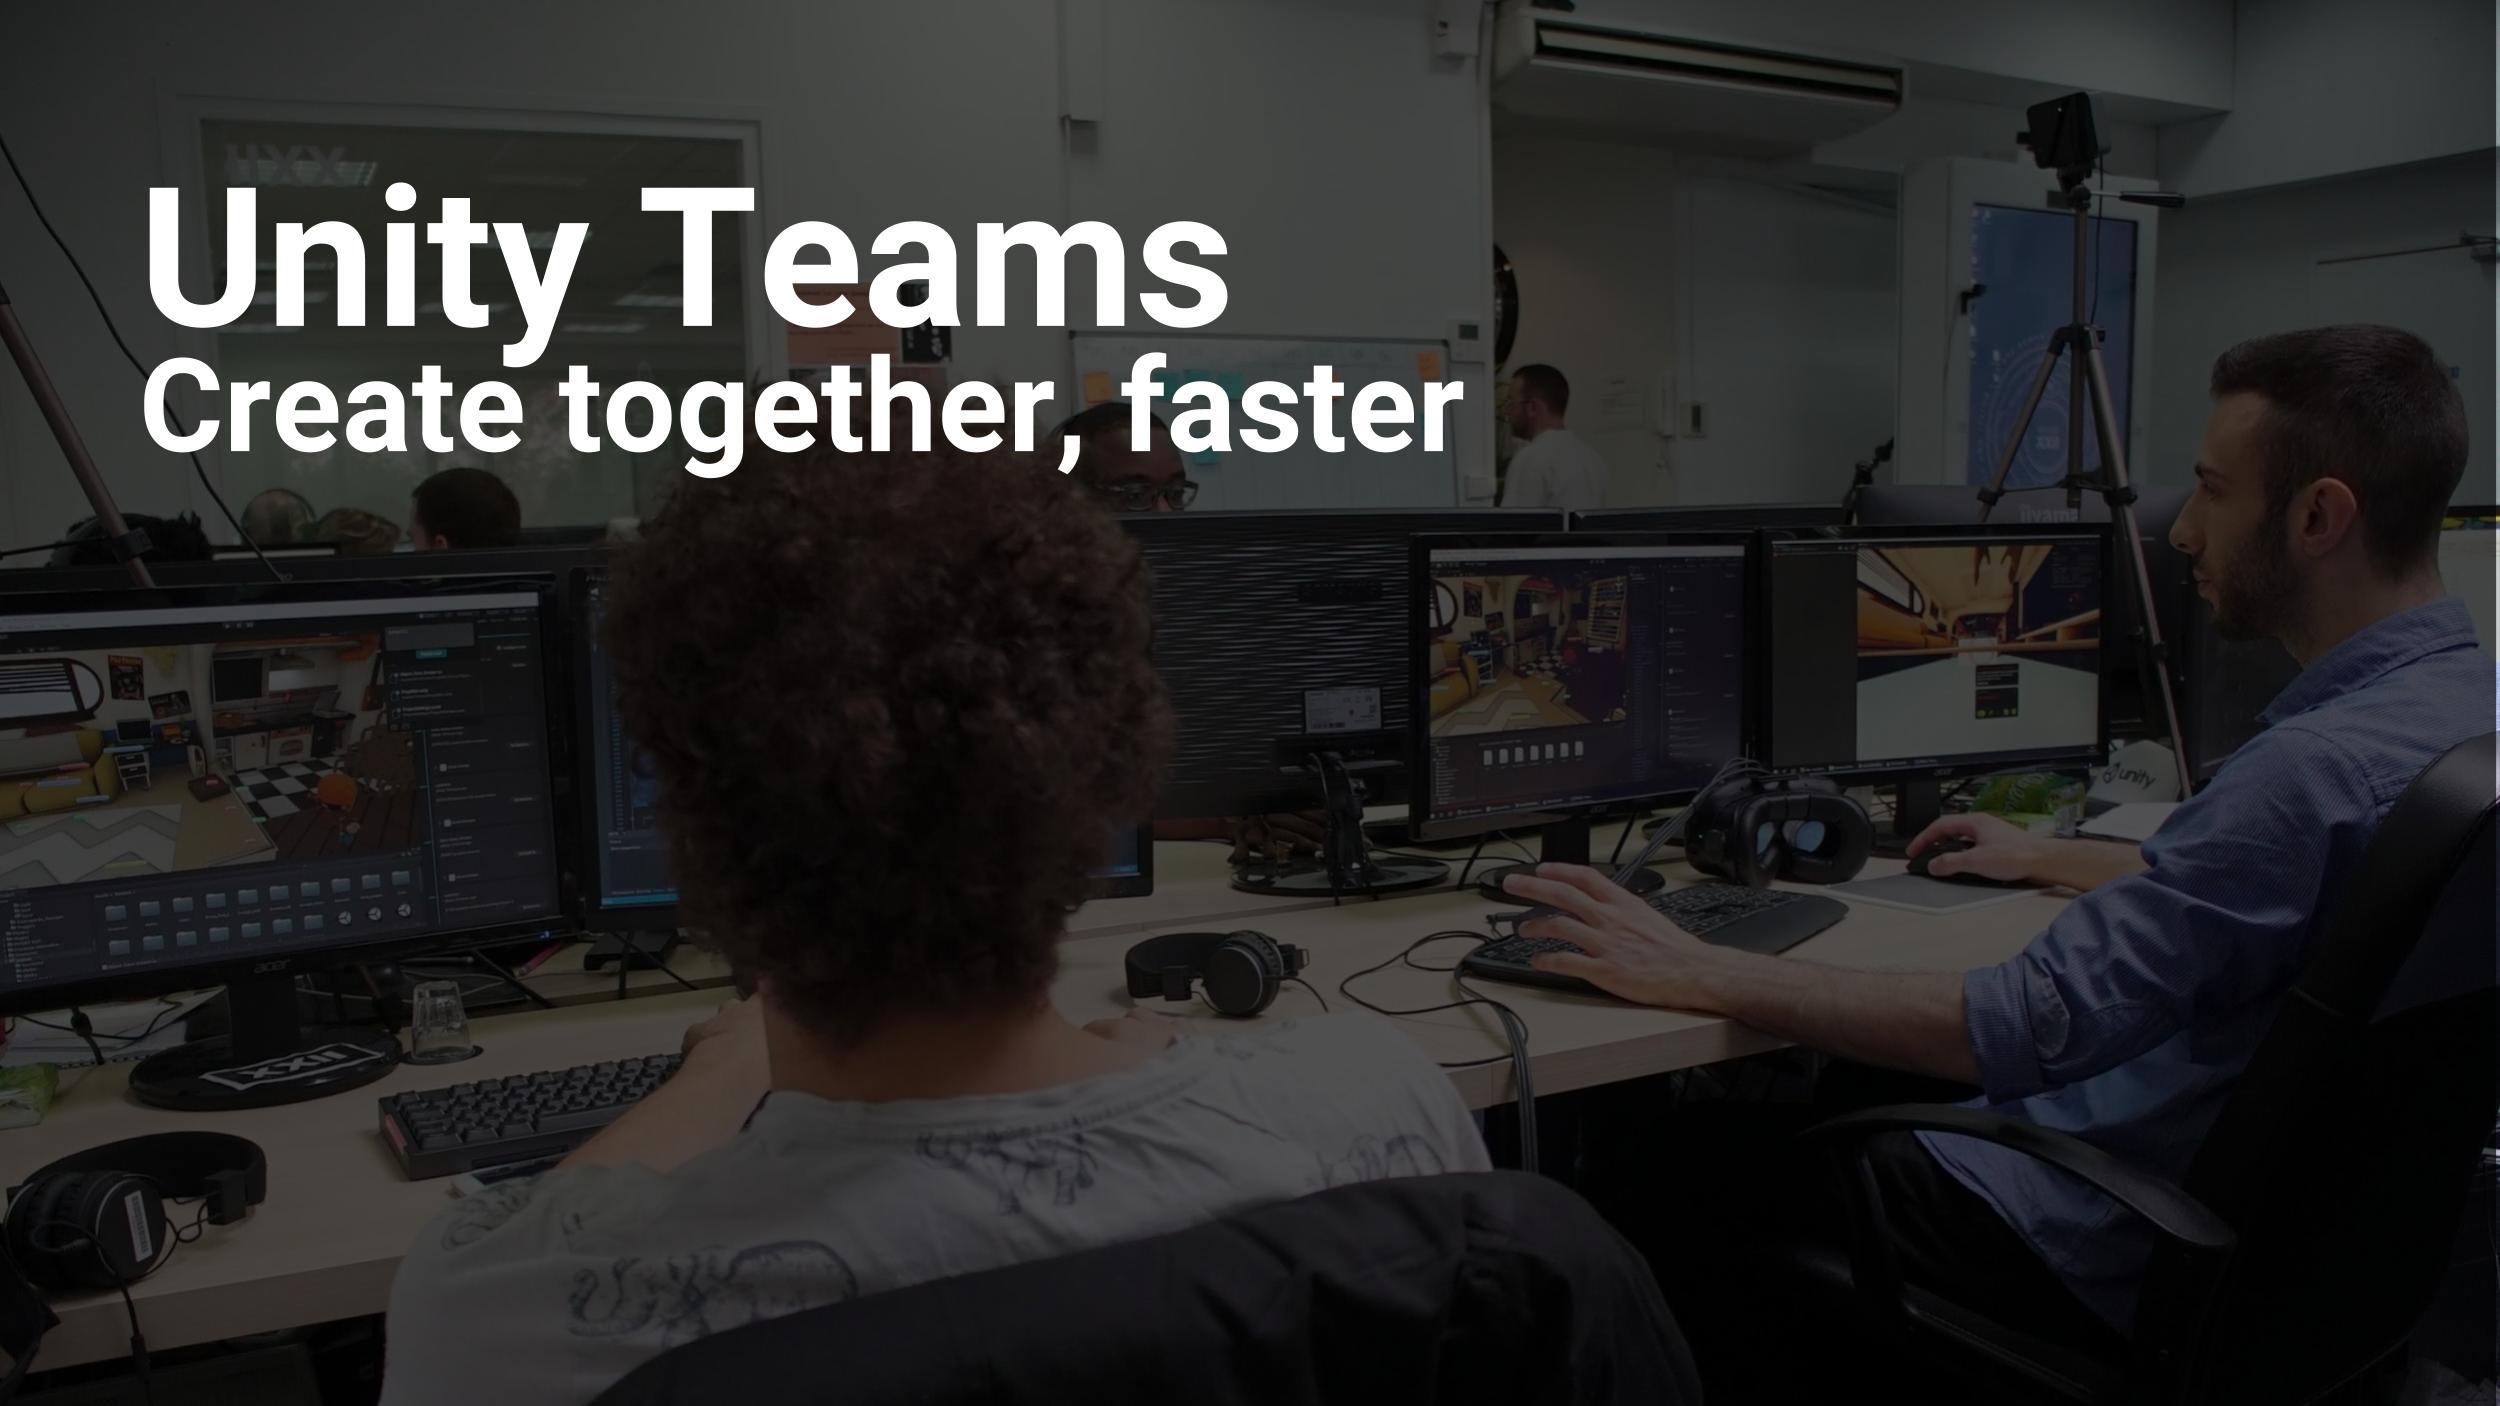 Unity Teams